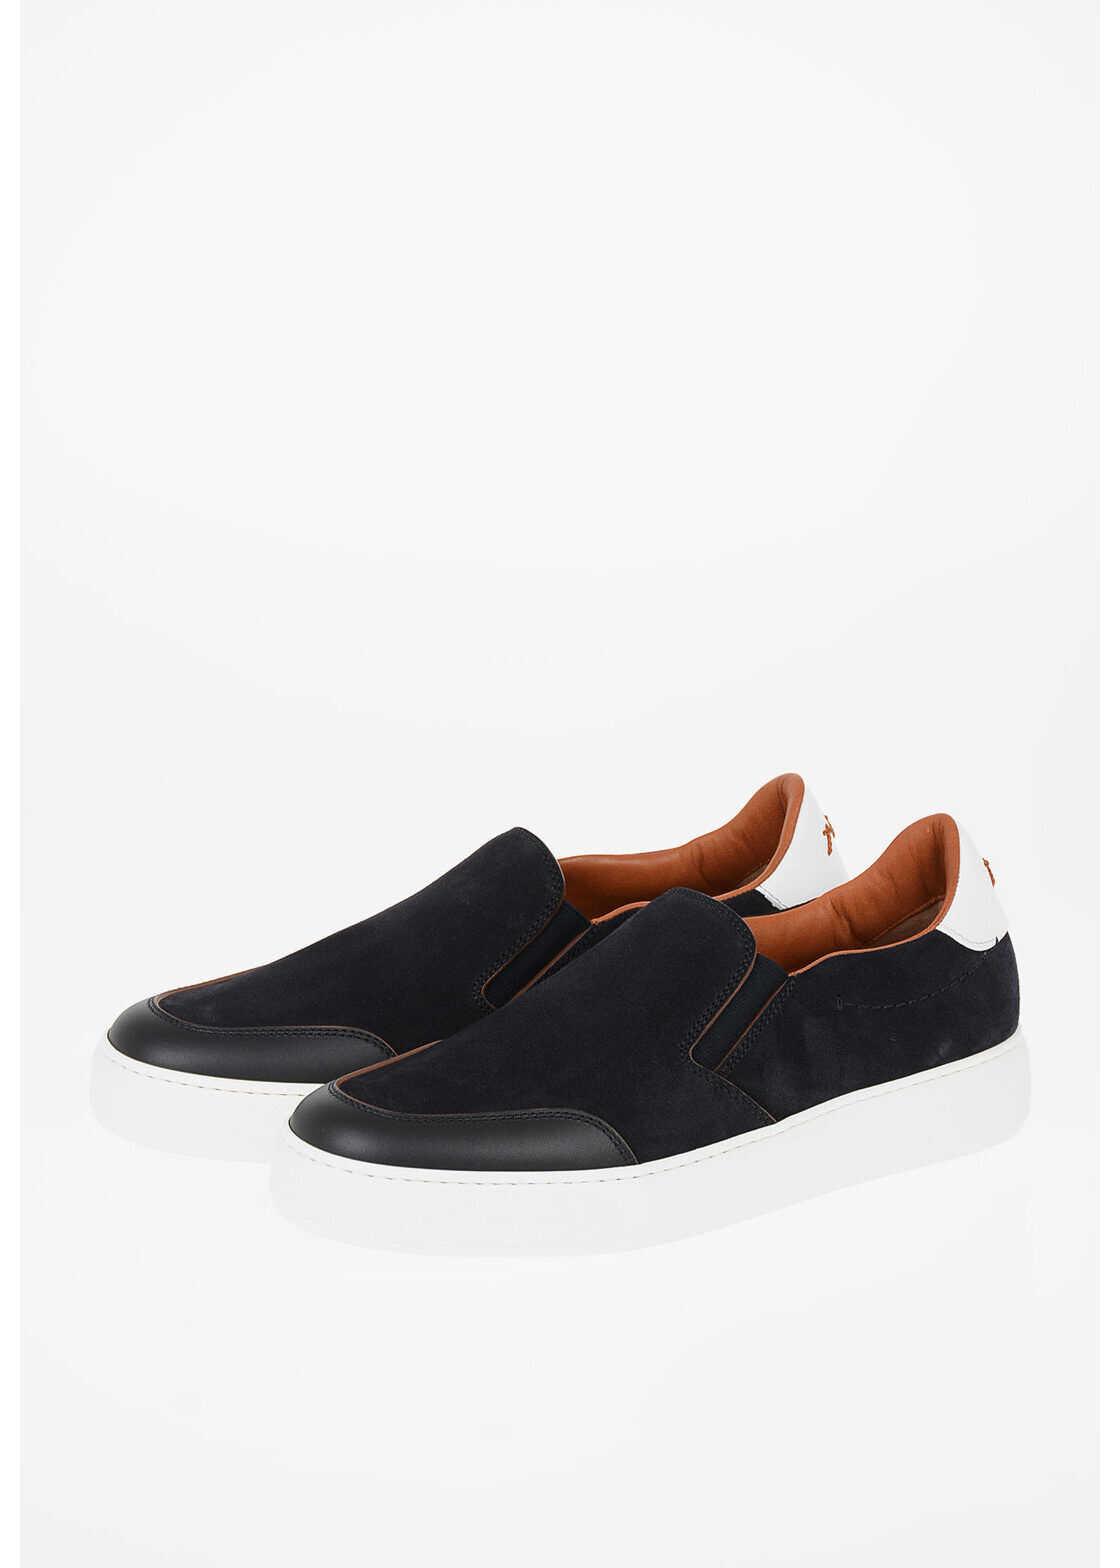 Ermenegildo Zegna COUTURE Suede Leather TIZIANO Slip on BLUE imagine b-mall.ro